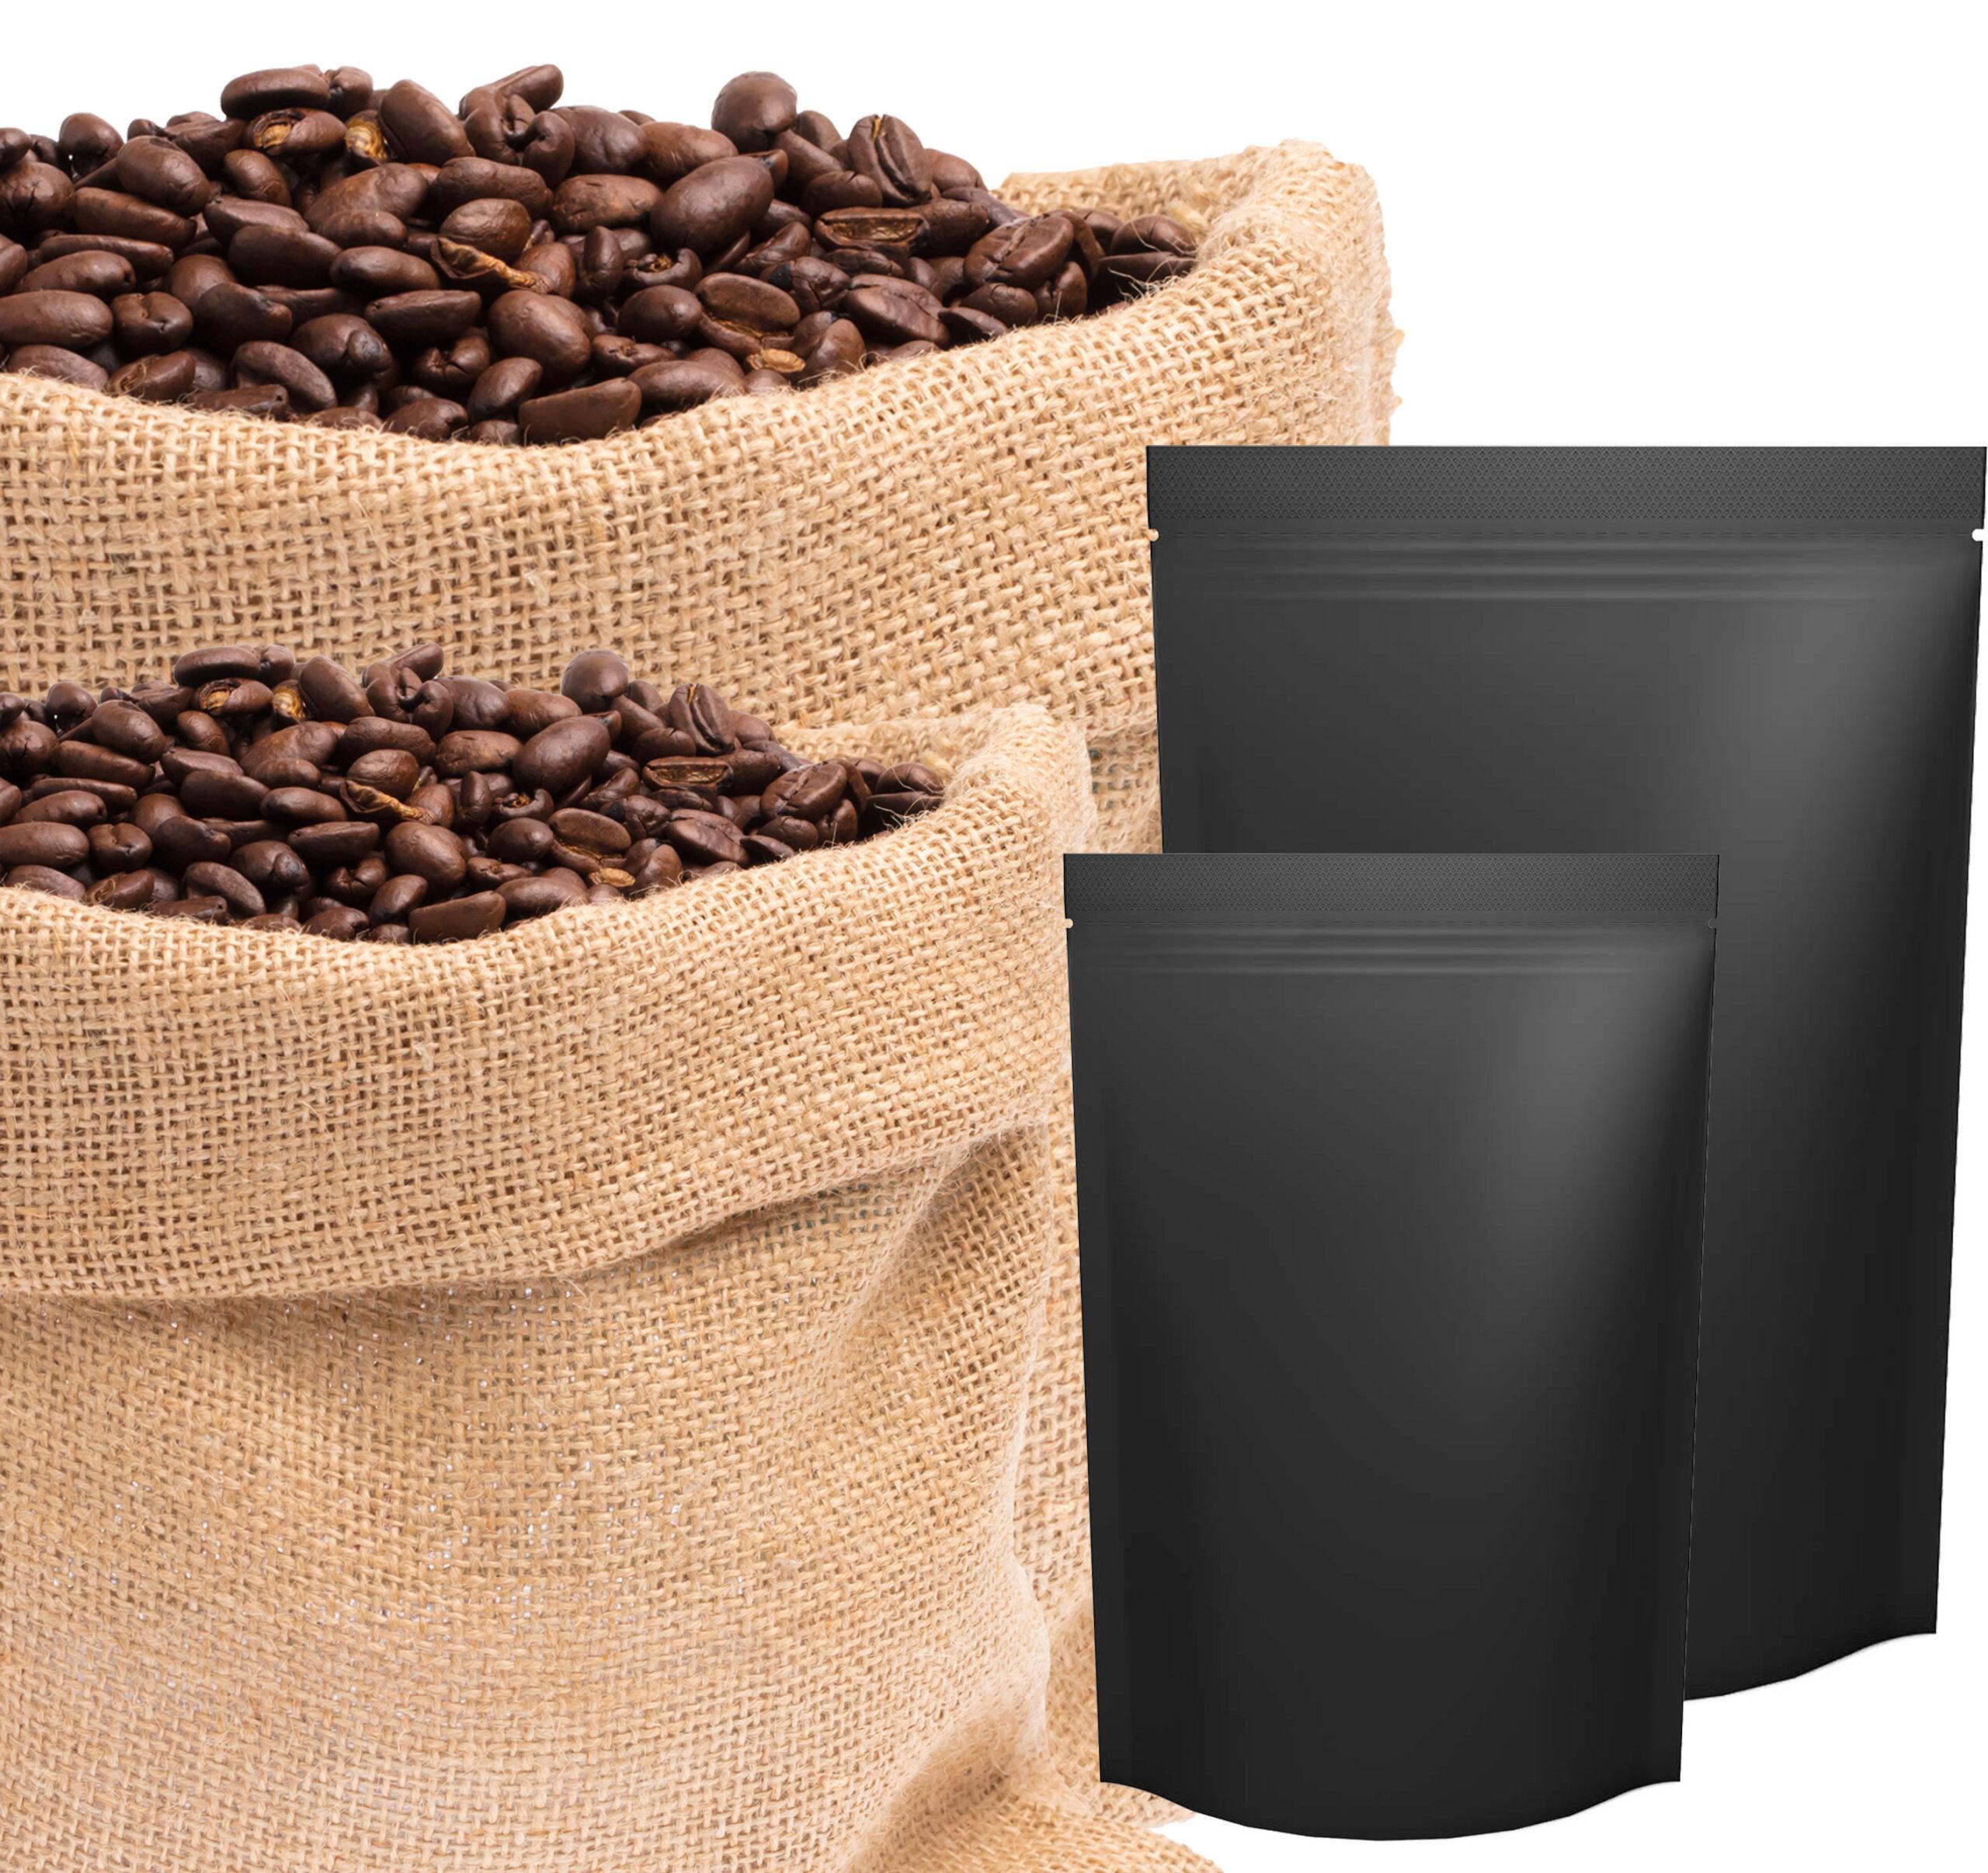 cbd-coffee-wholesale-white-label